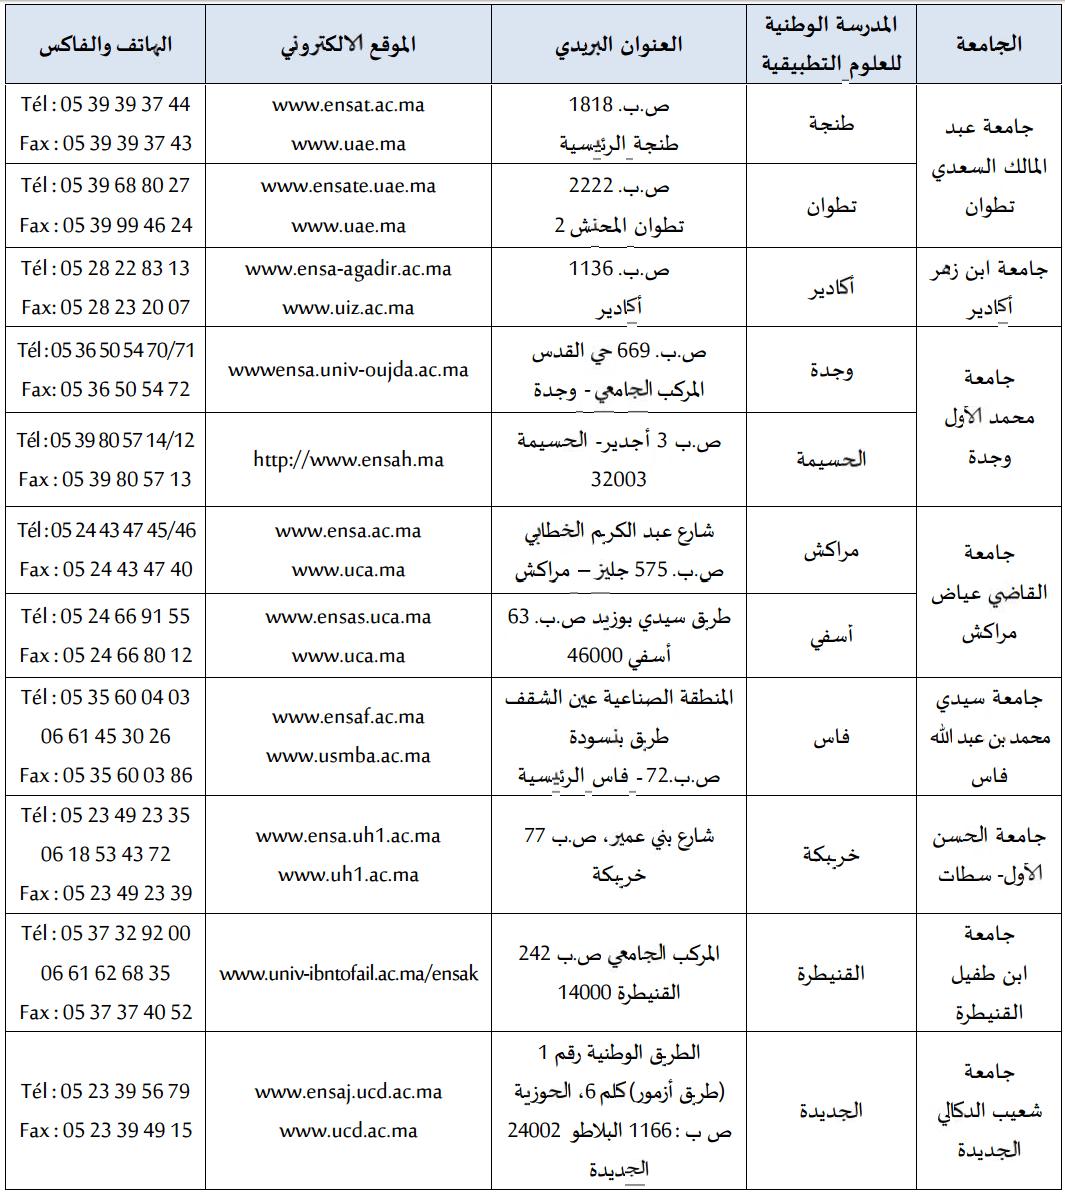 ENSA maroc 2017